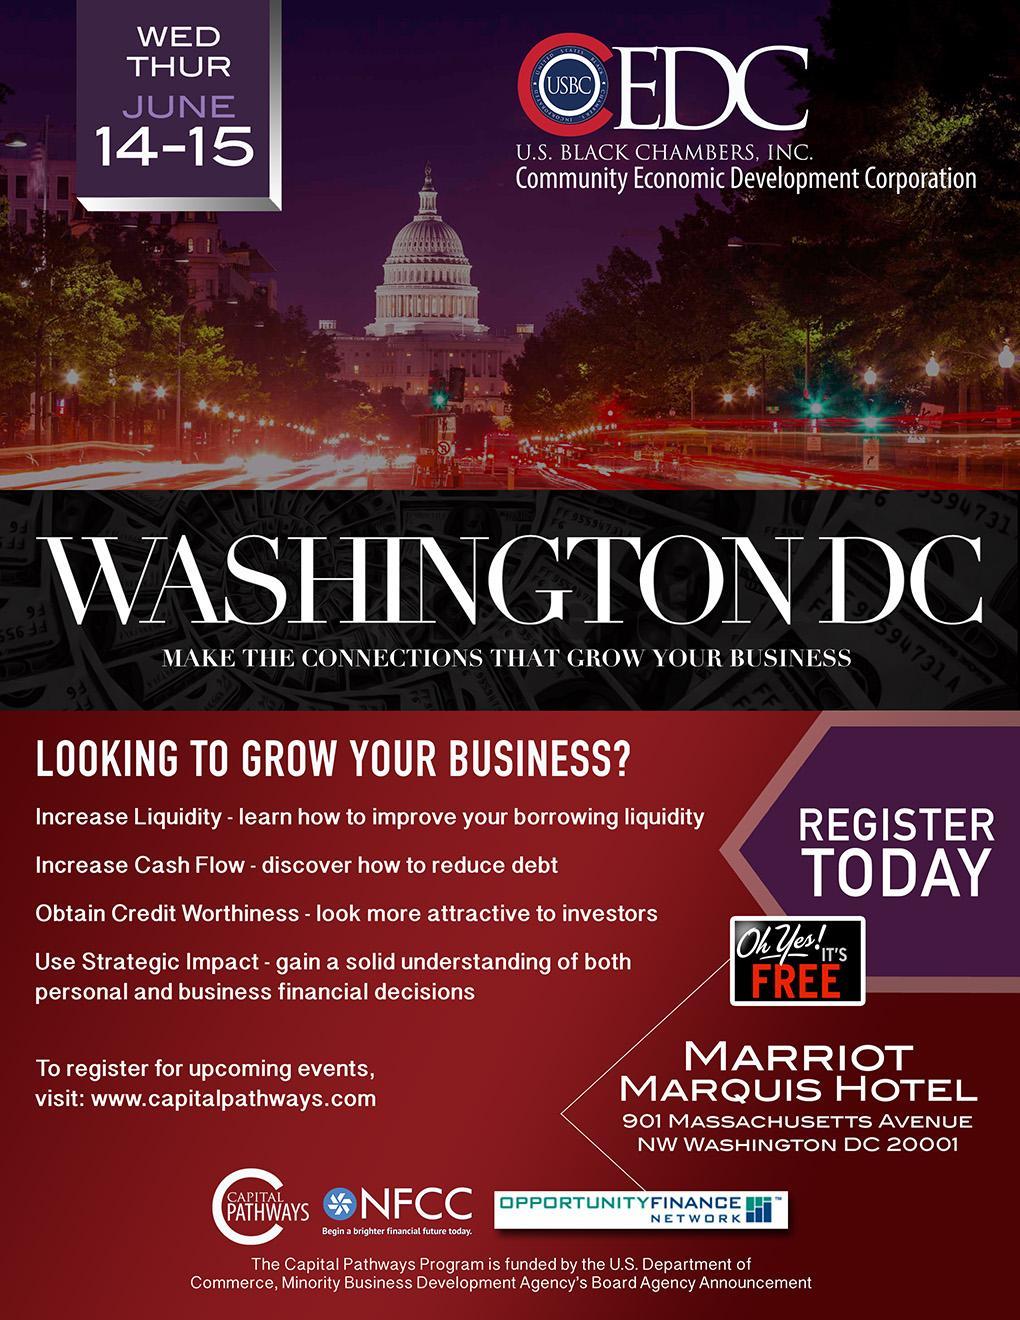 Capital Pathways - Washington DC